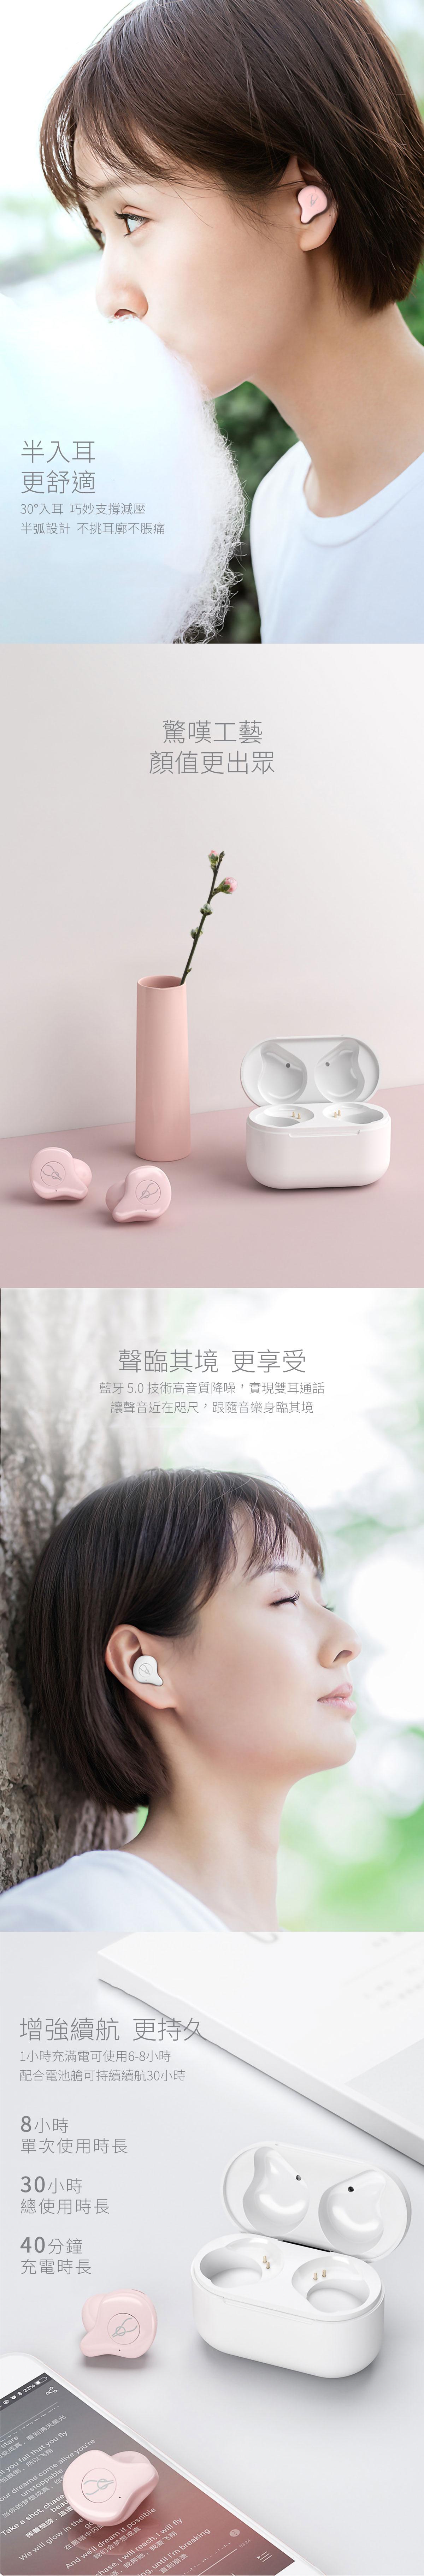 外觀小巧輕便,經人體工學設計,貼合耳廓不刮耳